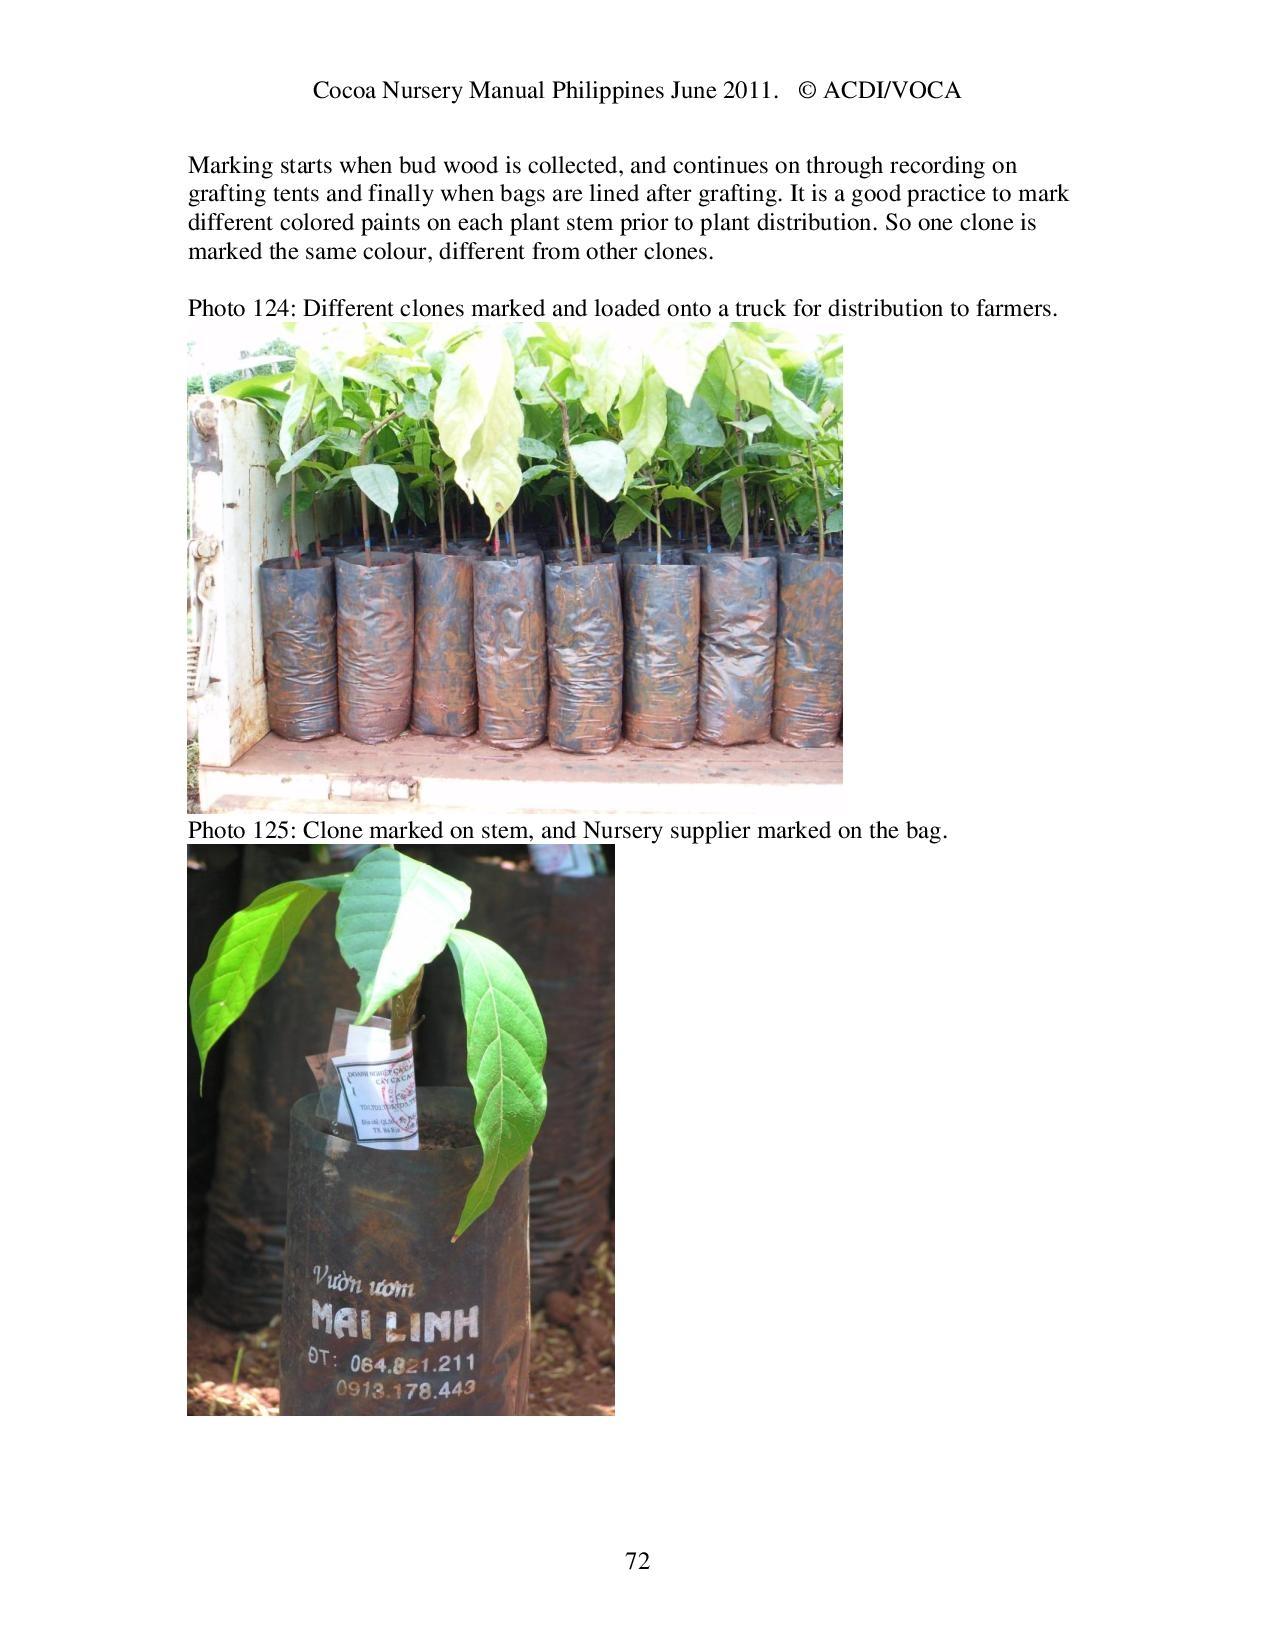 Cocoa-Nursery-Manual-2011_acdi-voca-page-072